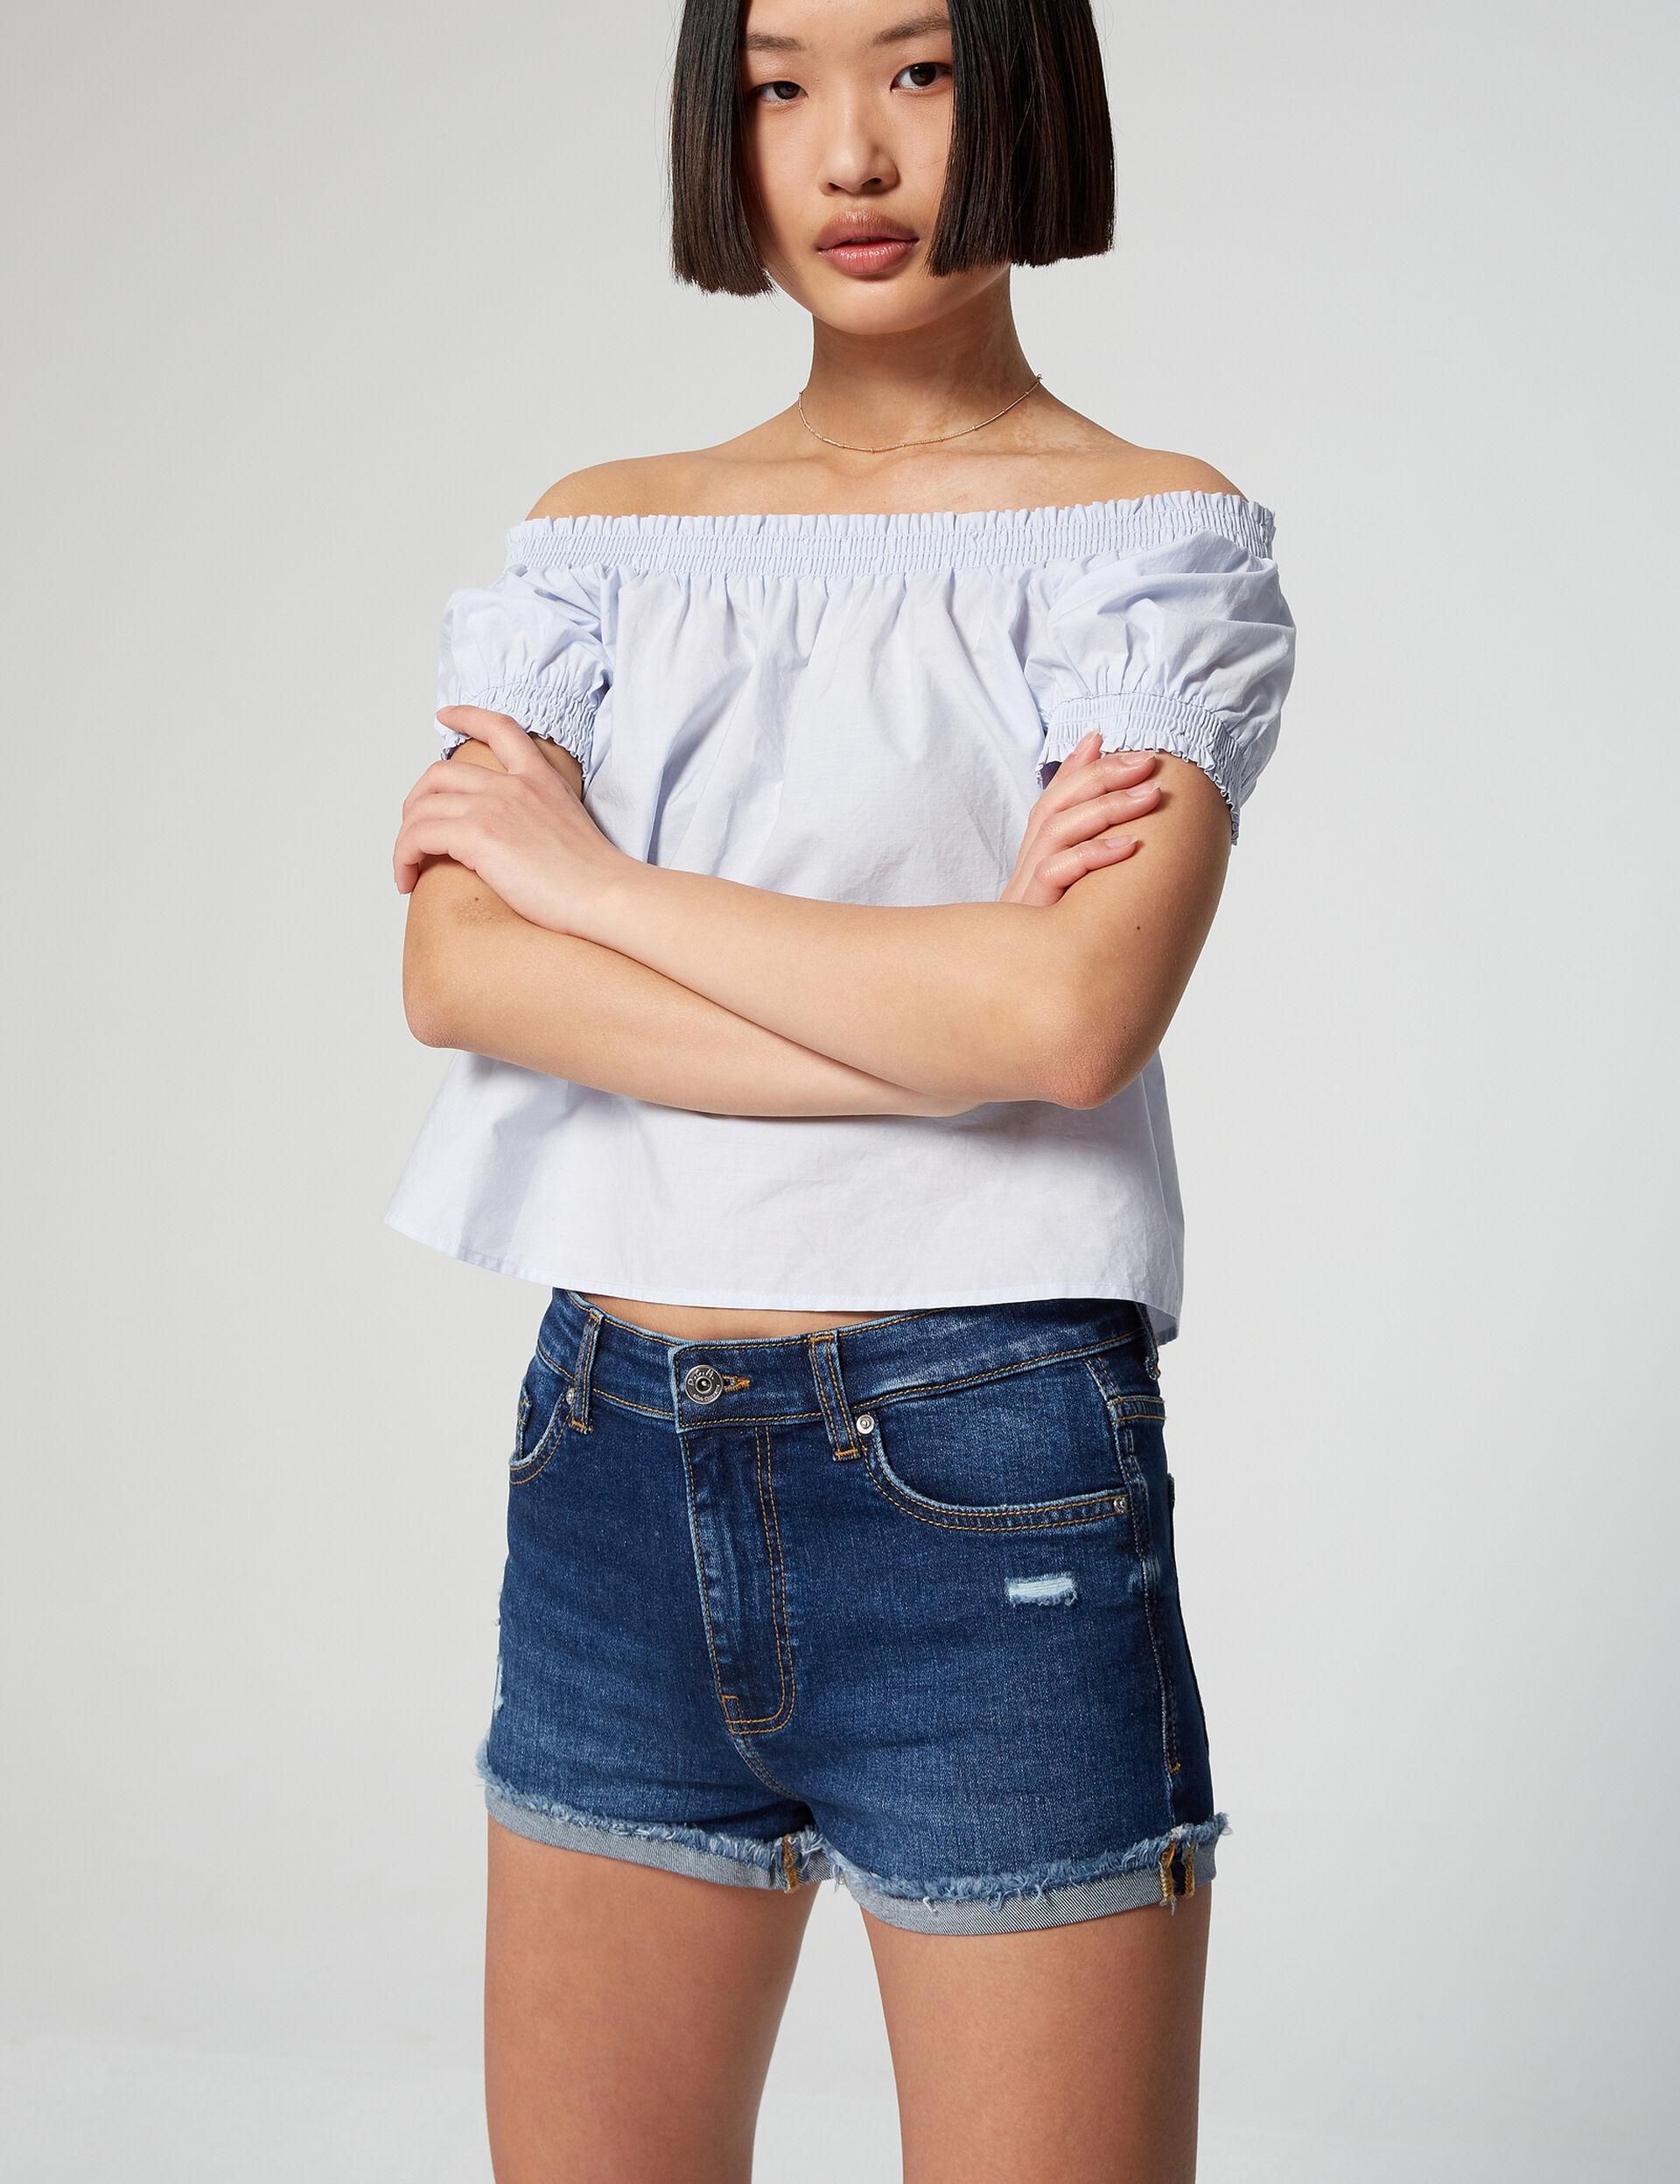 Medium-waisted denim shorts